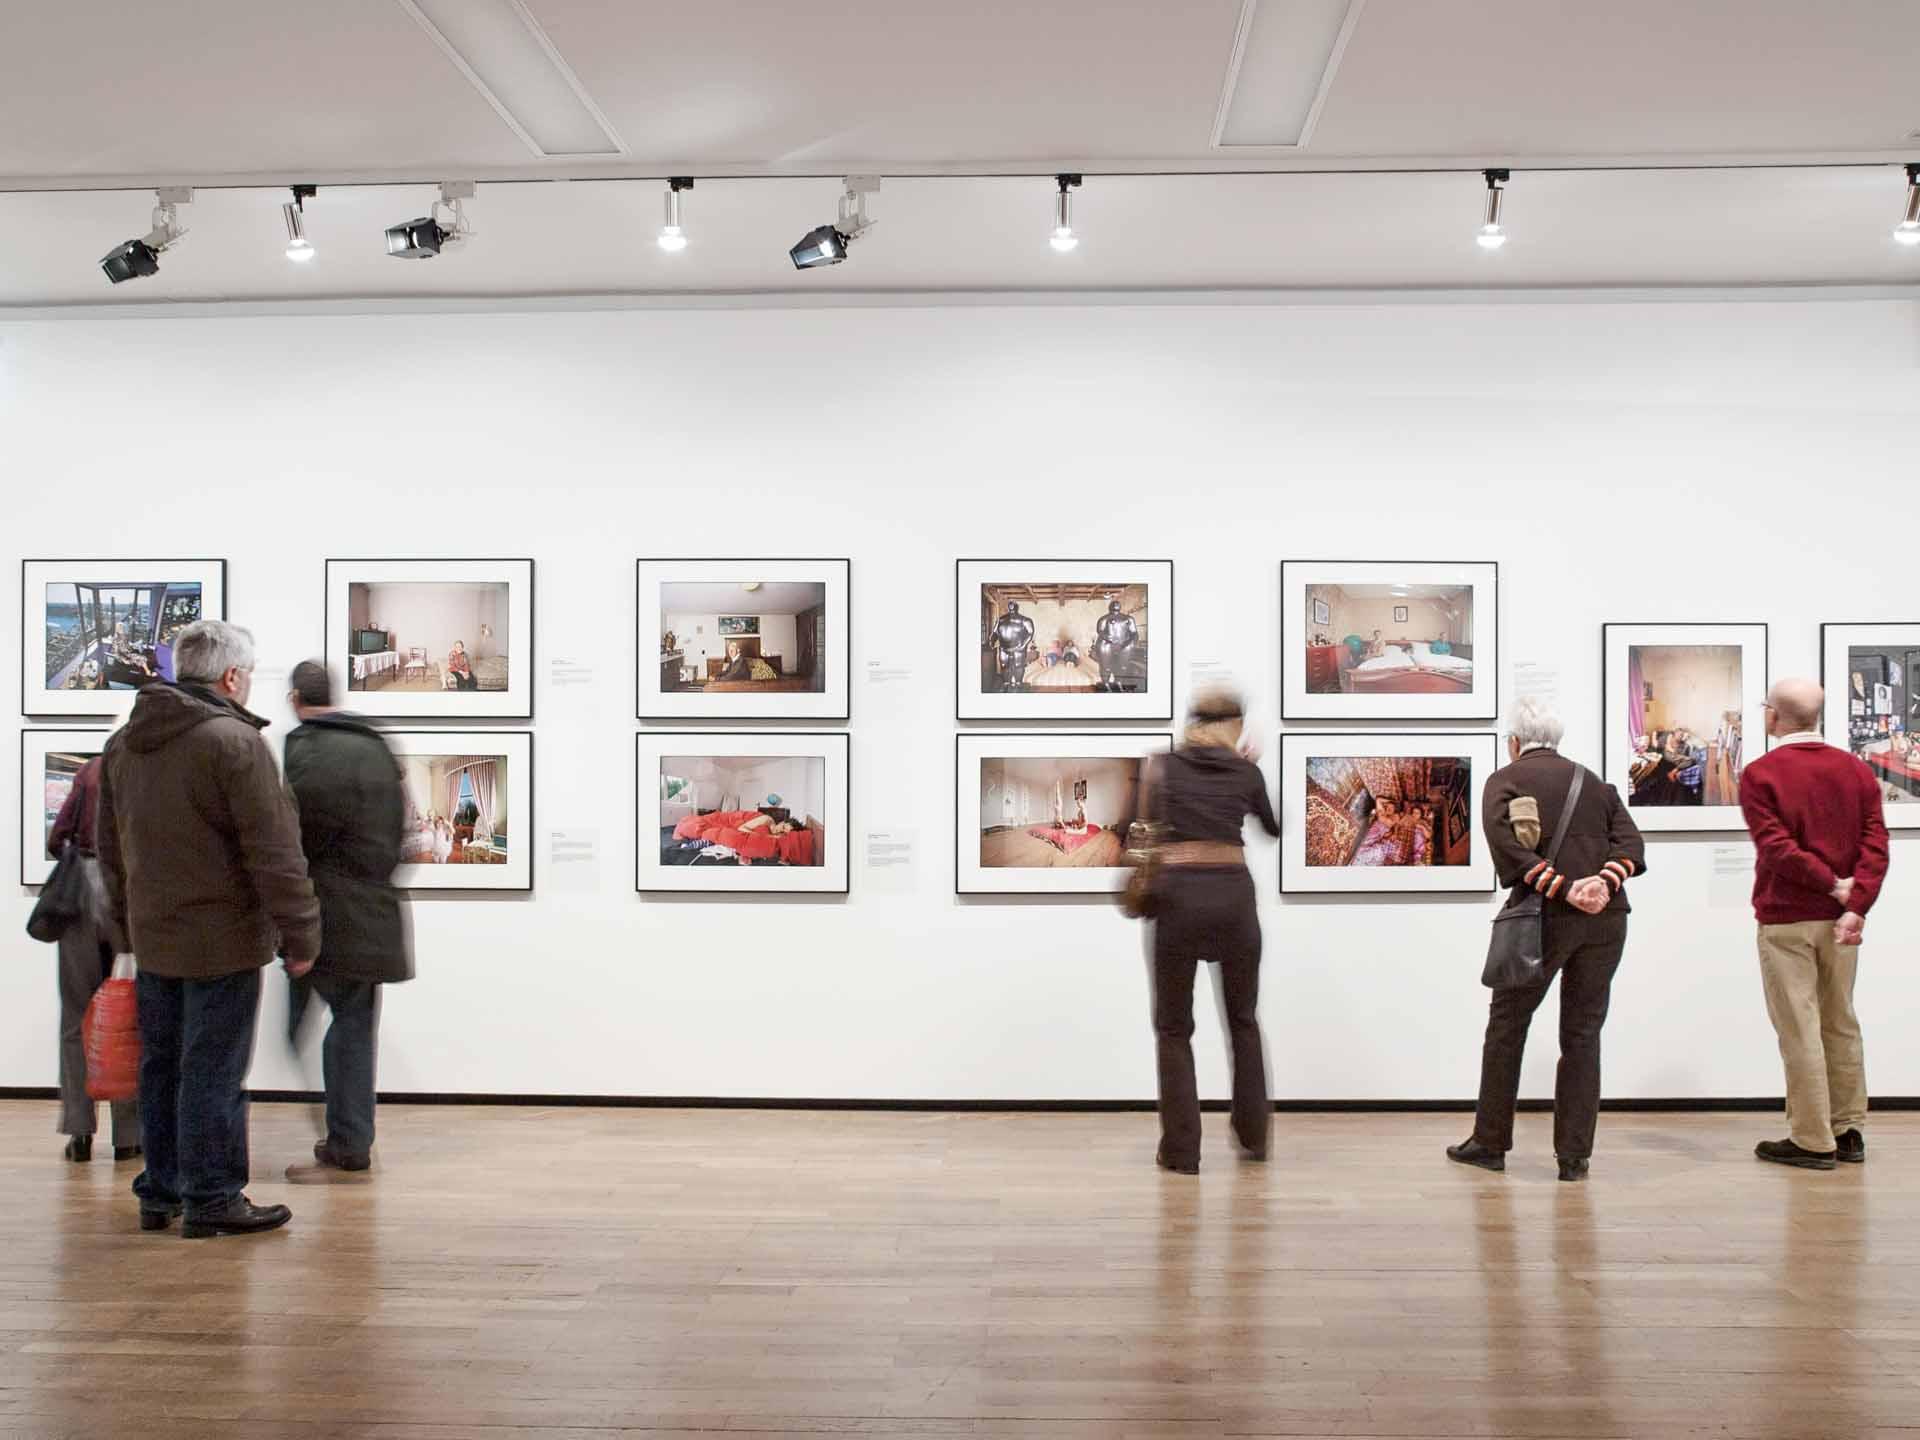 Vom Smartphone-Foto zum Kunstwerk an der Wand. Wir suchen dein Handyfoto für unsere Ausstellung!